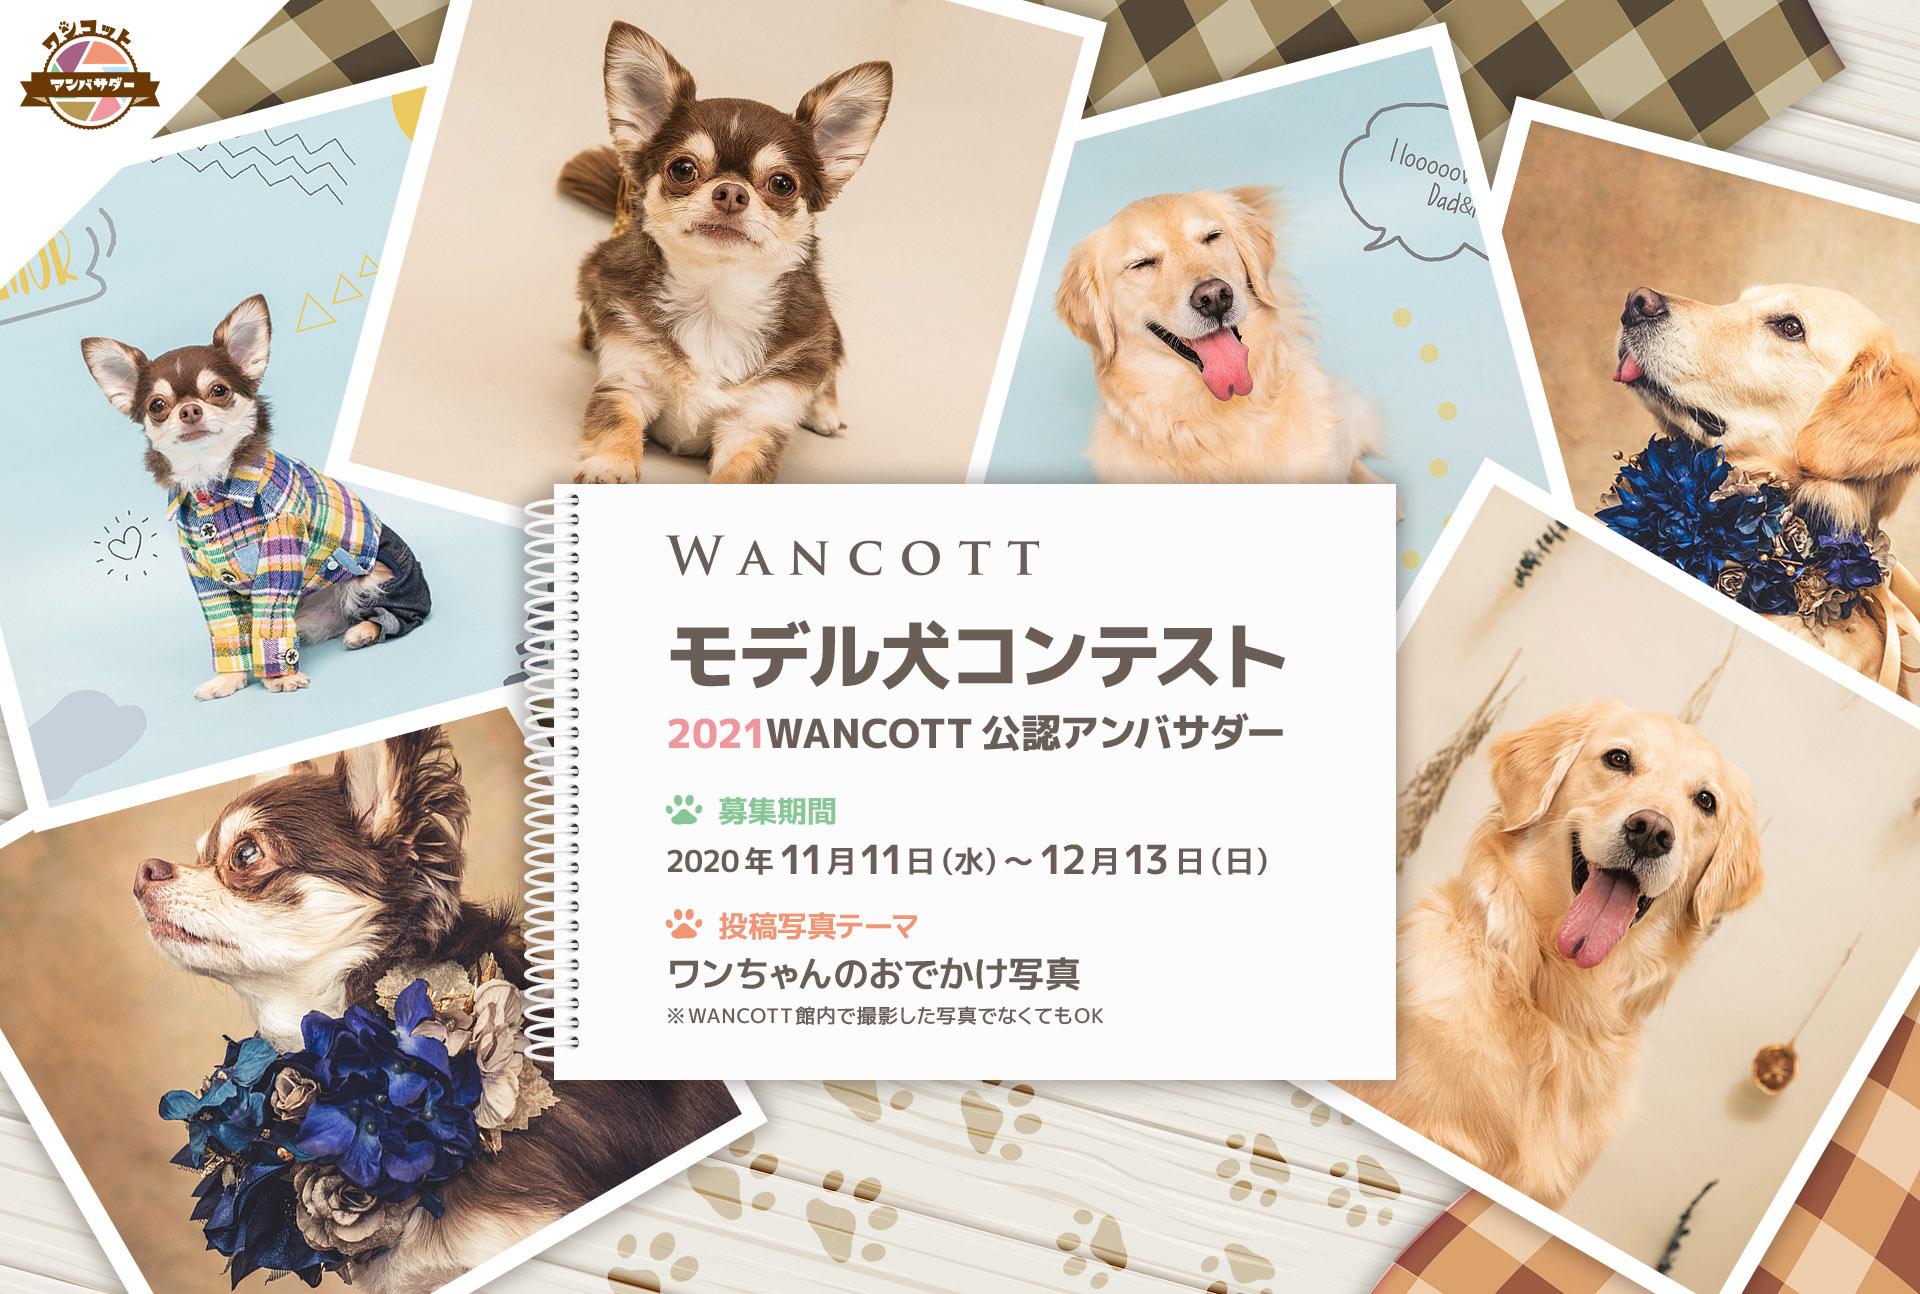 11月11日(水)より応募受付開始! 第2回『WANCOTTモデル犬 コンテスト』 開催!